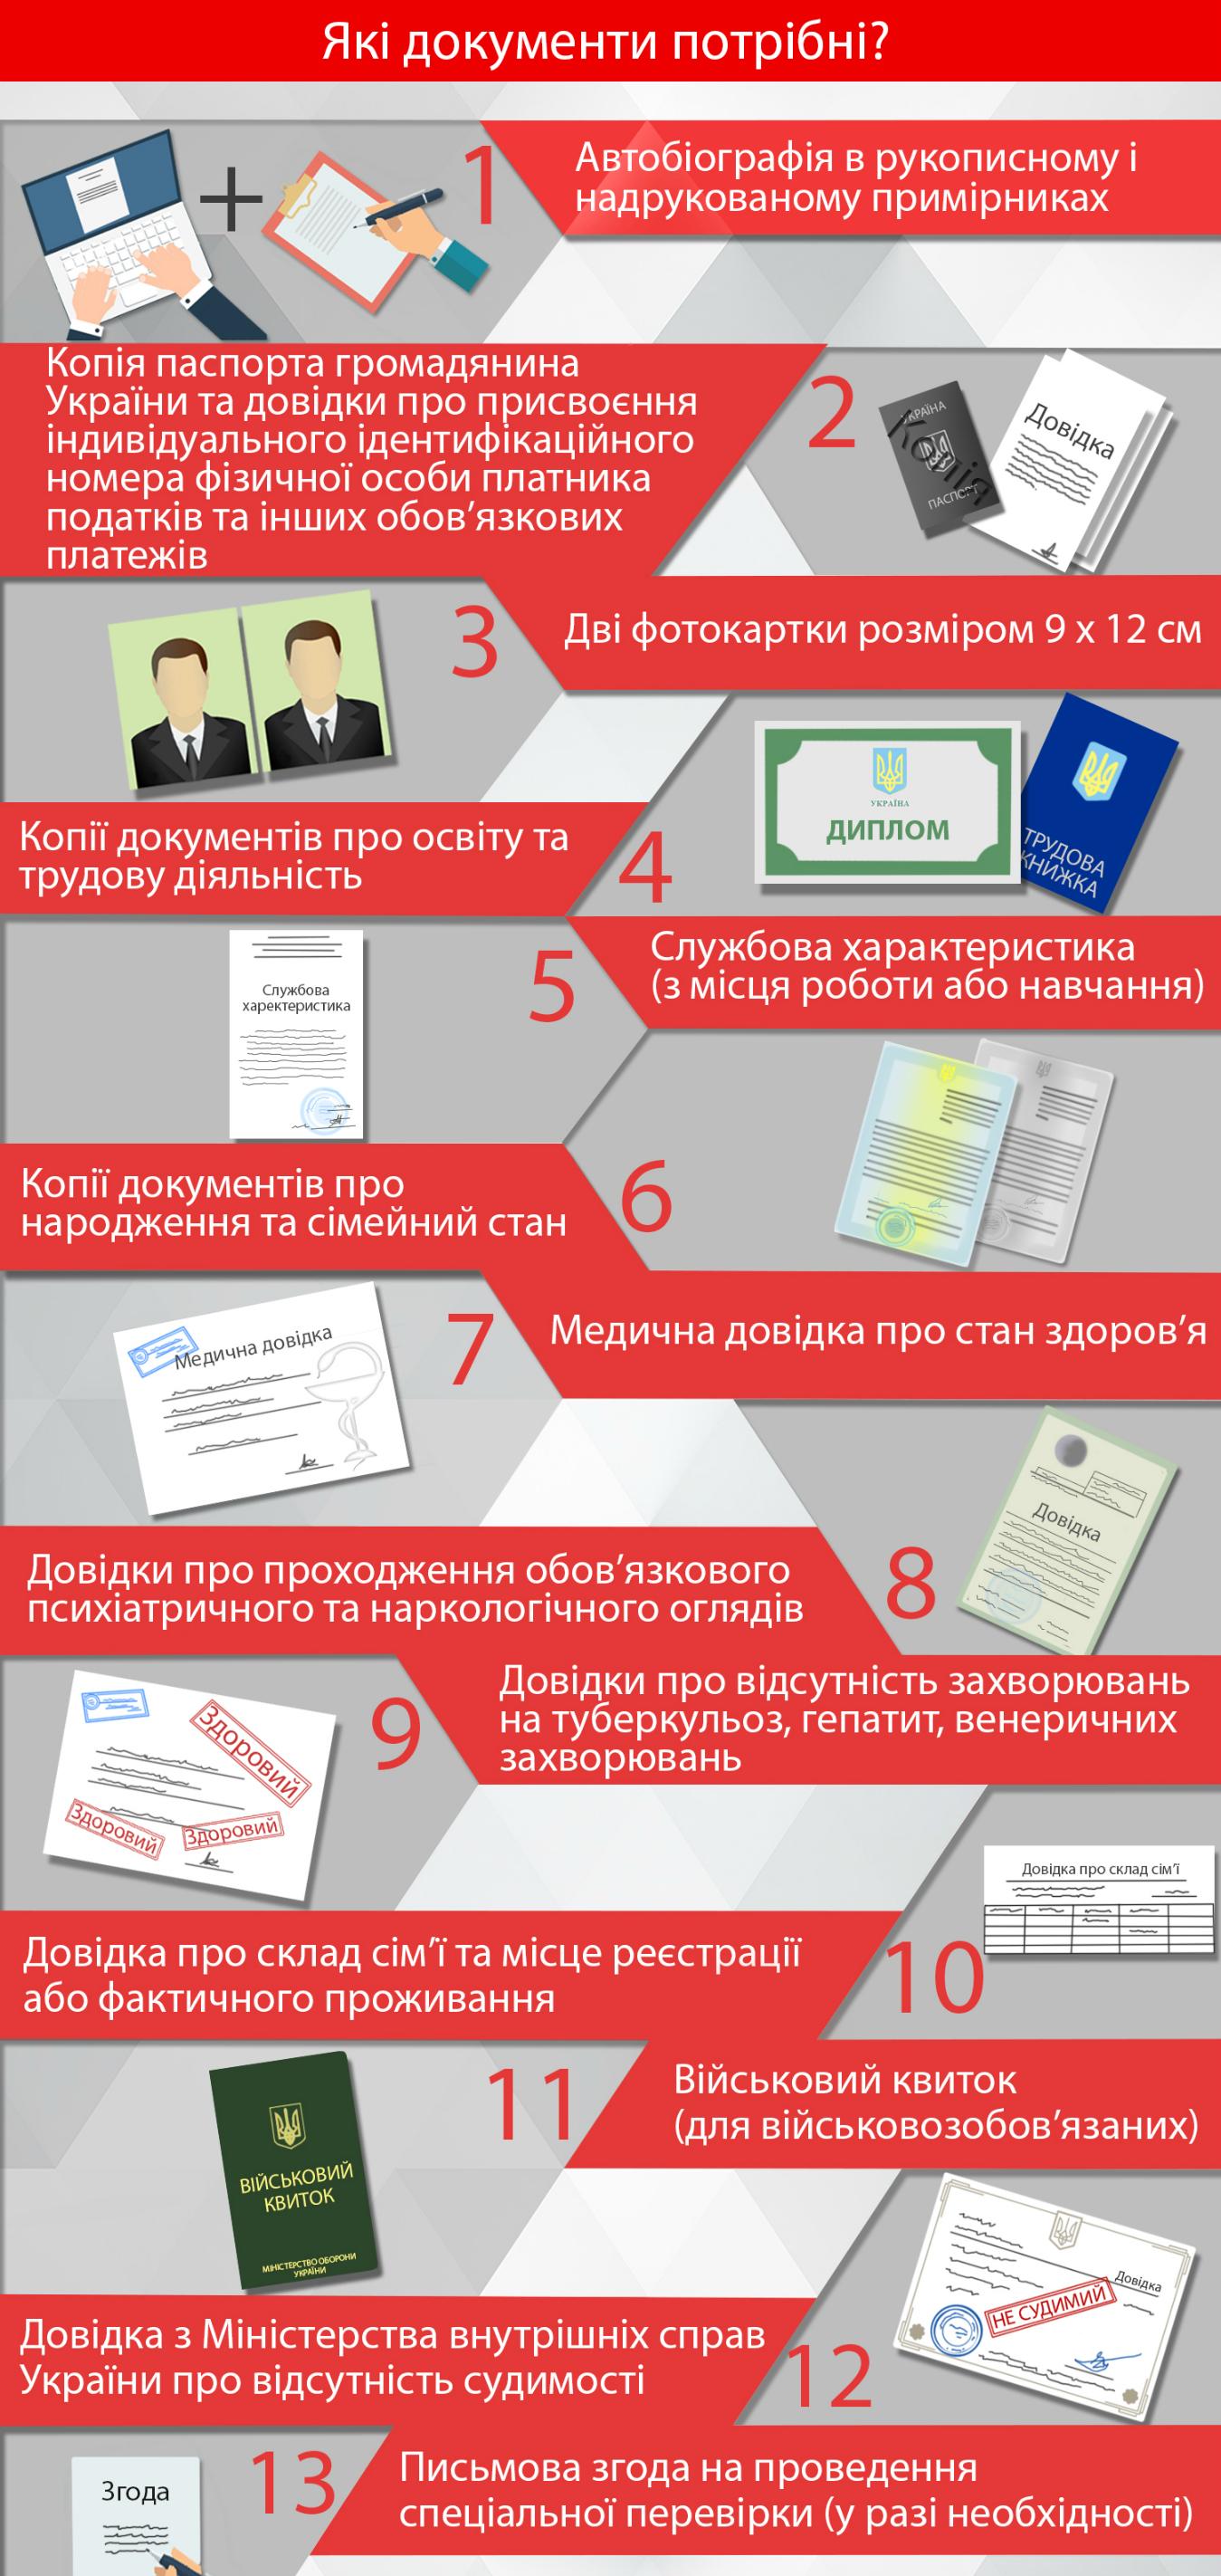 документы для службы по контракту